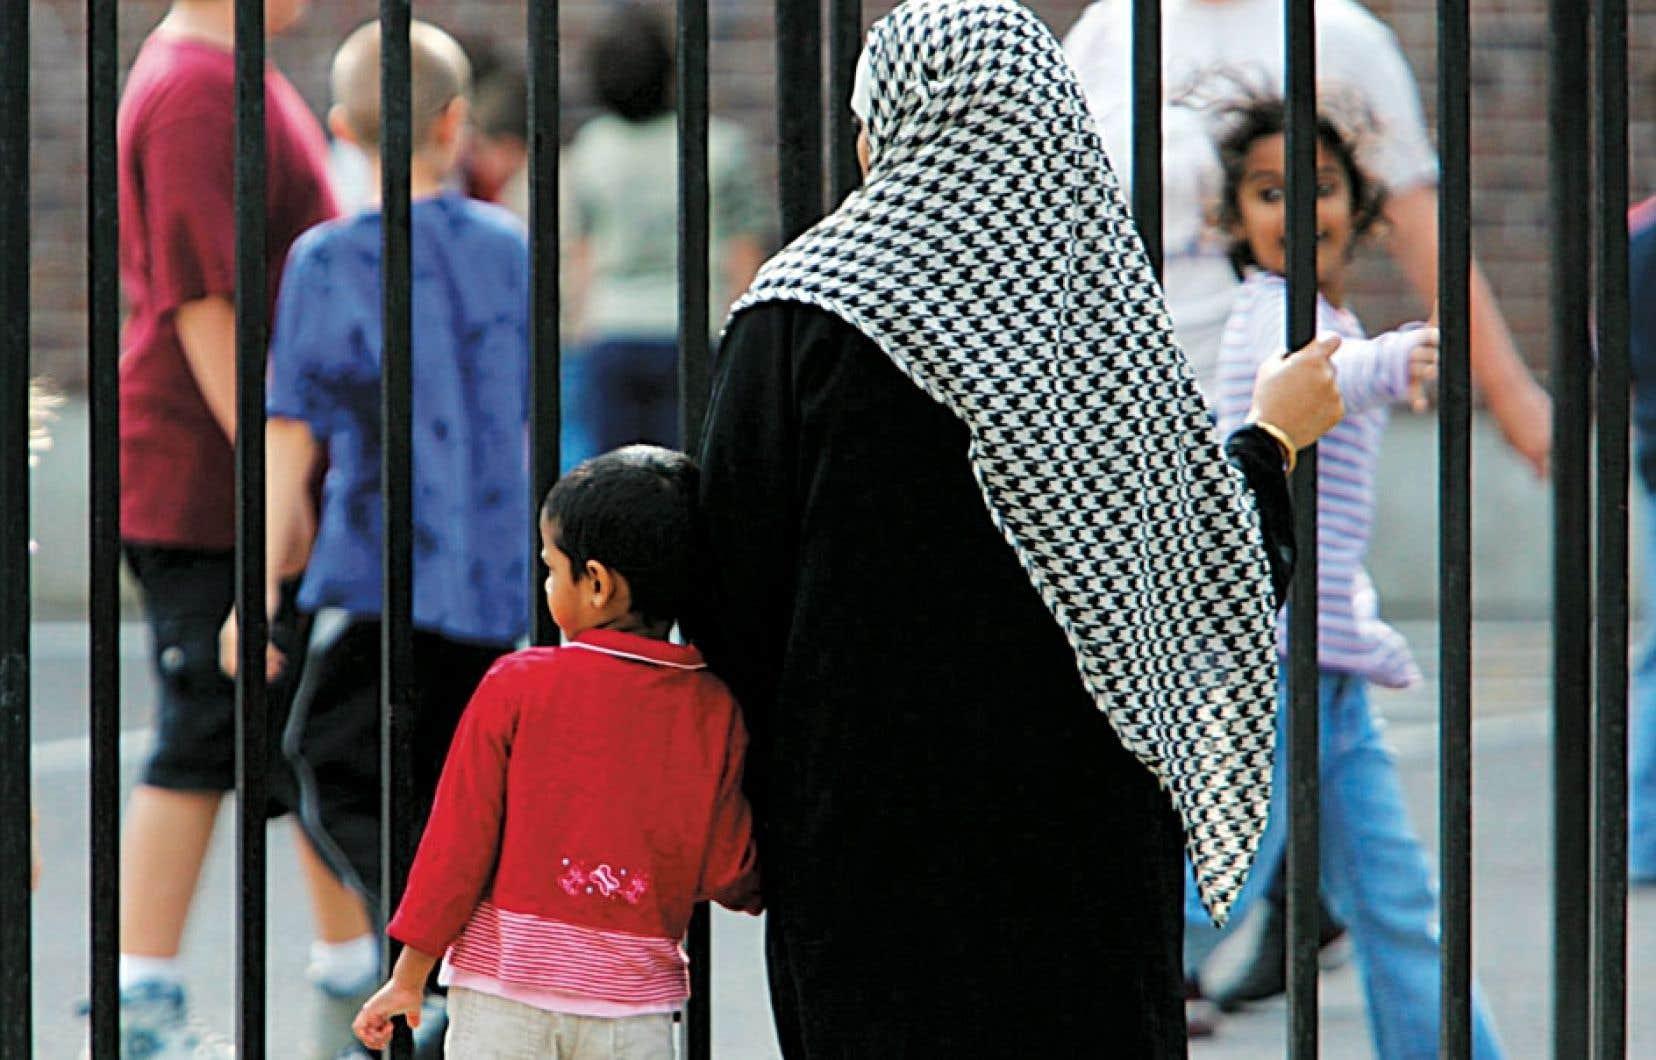 L'enjeu de l'immigration, et plus exactement de l'islam, est au cœur du « nous » pessimiste qui émerge aujourd'hui.